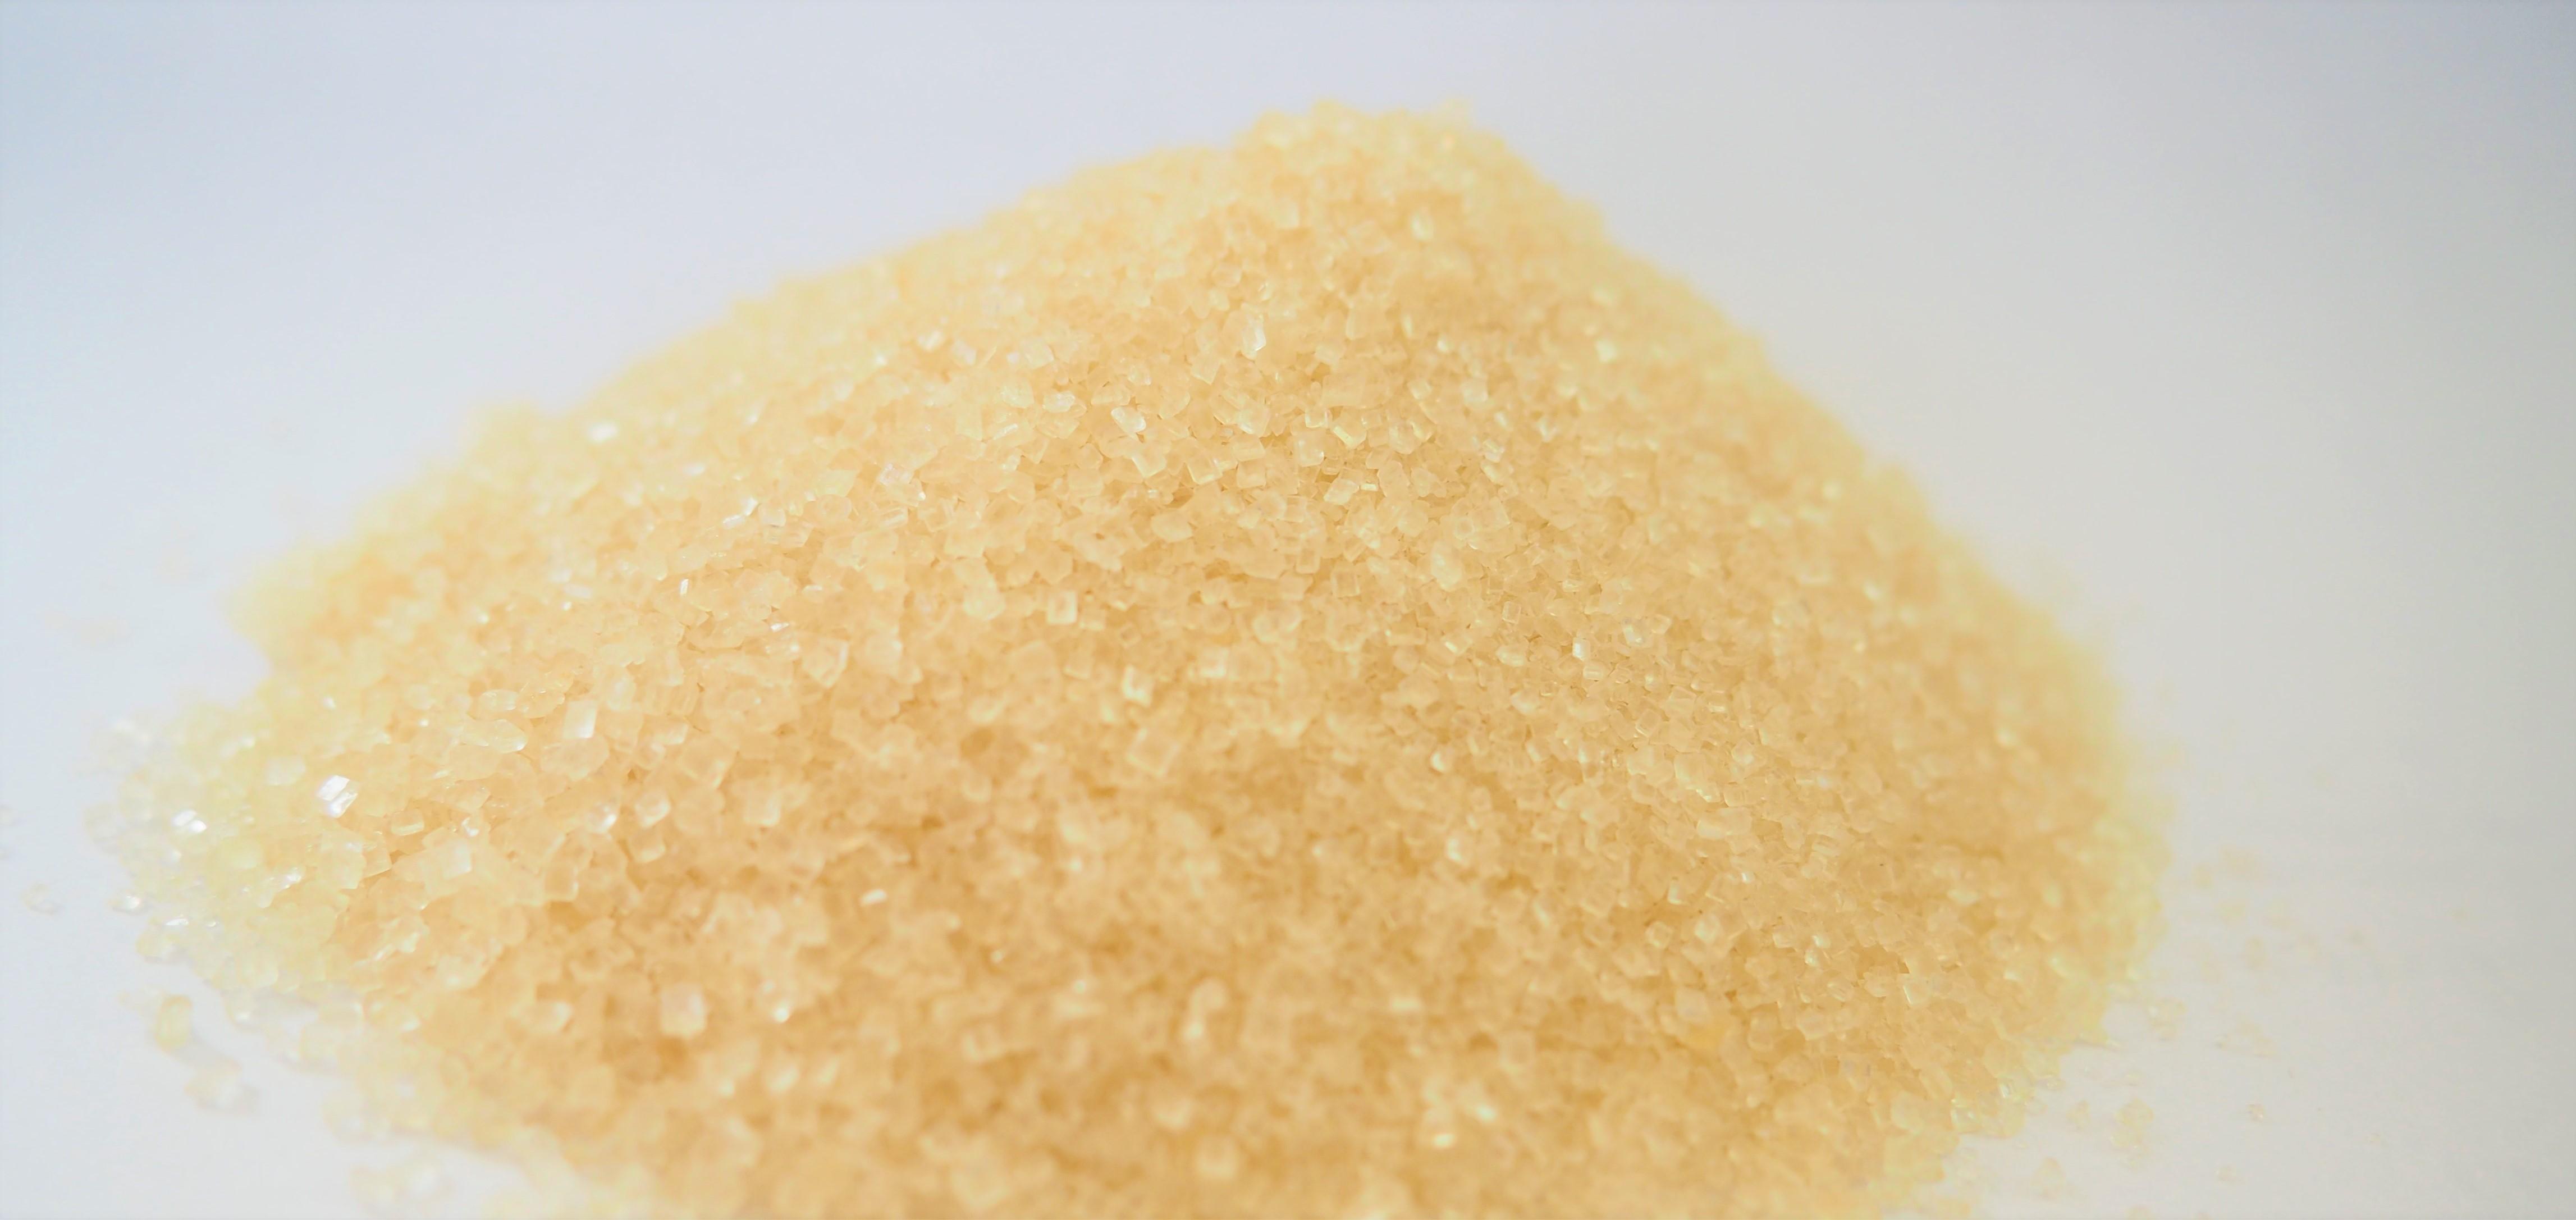 Bienenfutter-flüssig, Teig oder Kristall